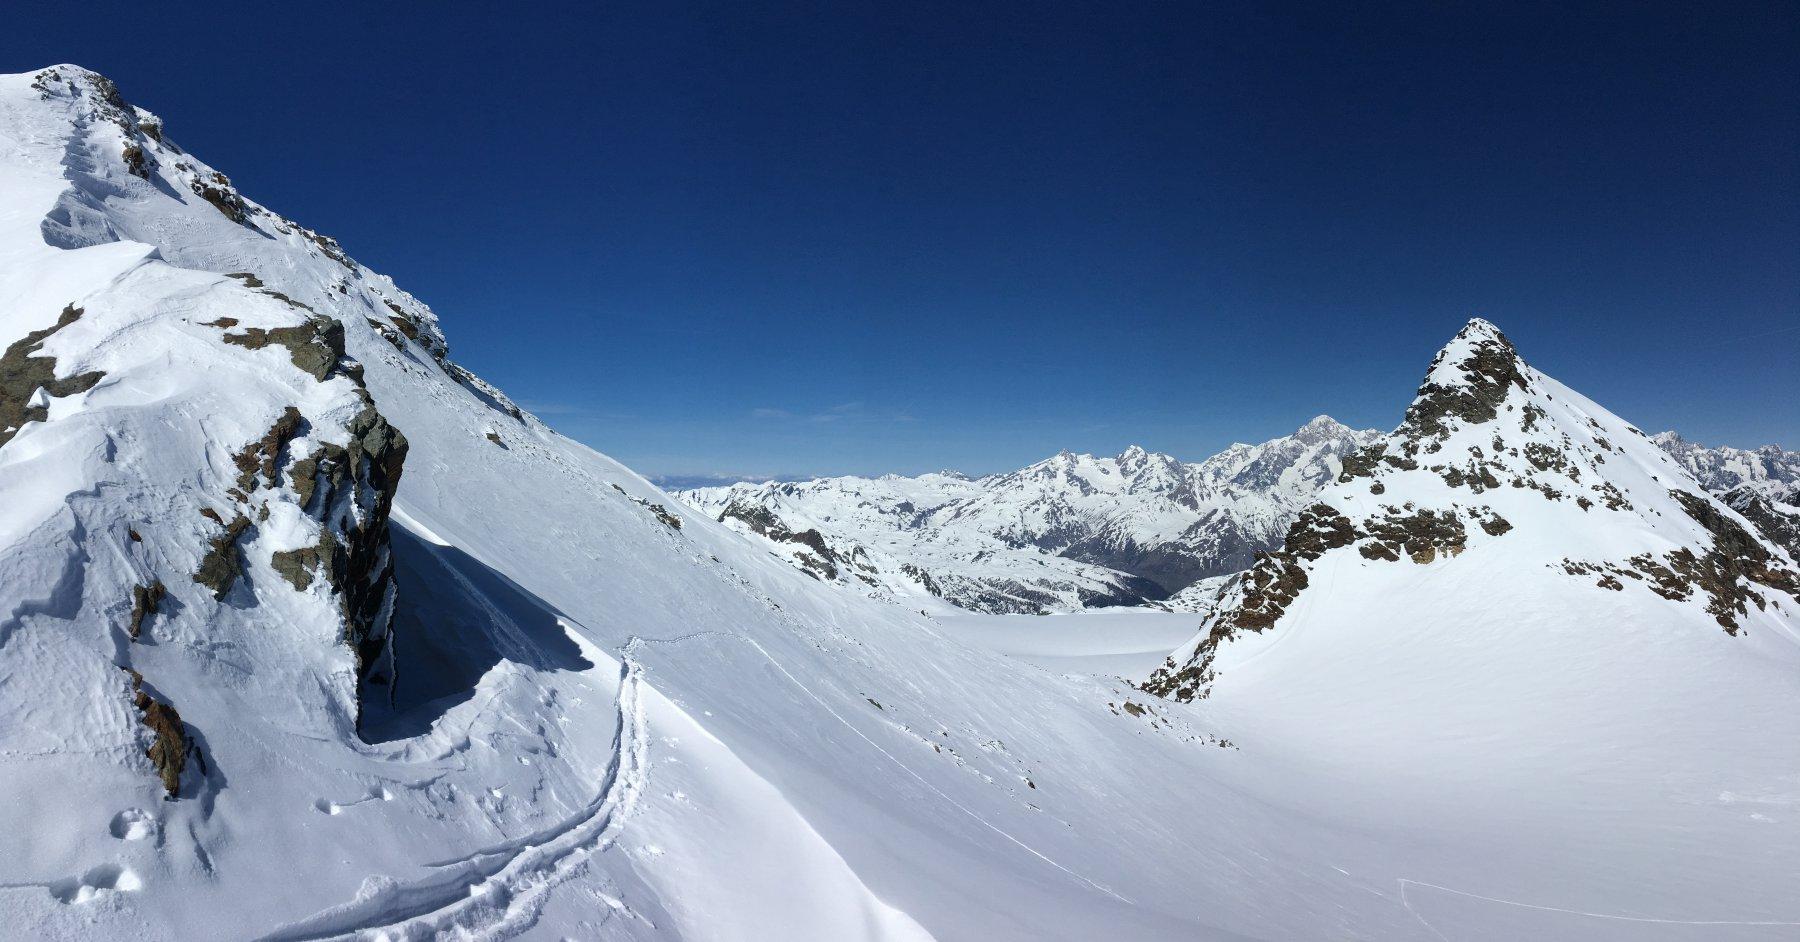 panoramica verso il monte Bianco